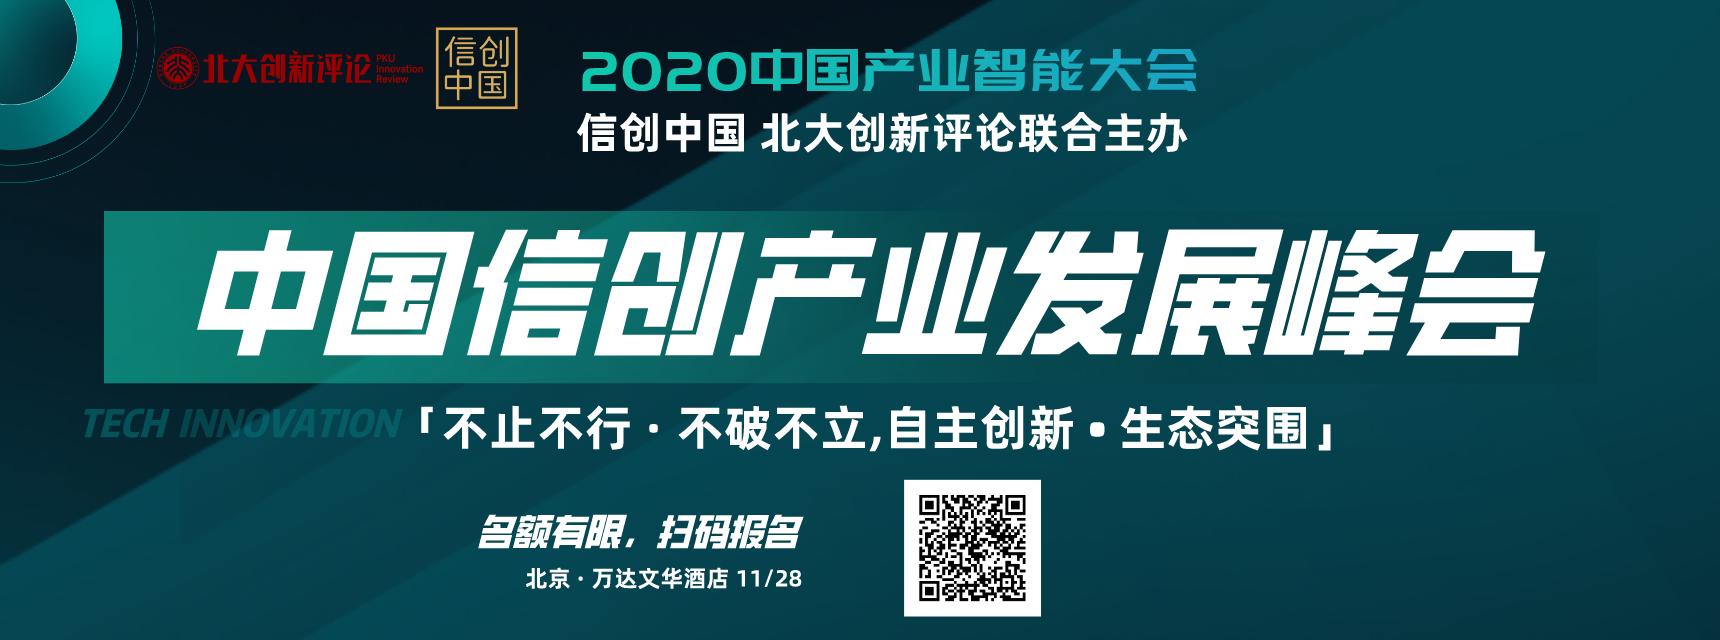 中国信创产业发展峰会